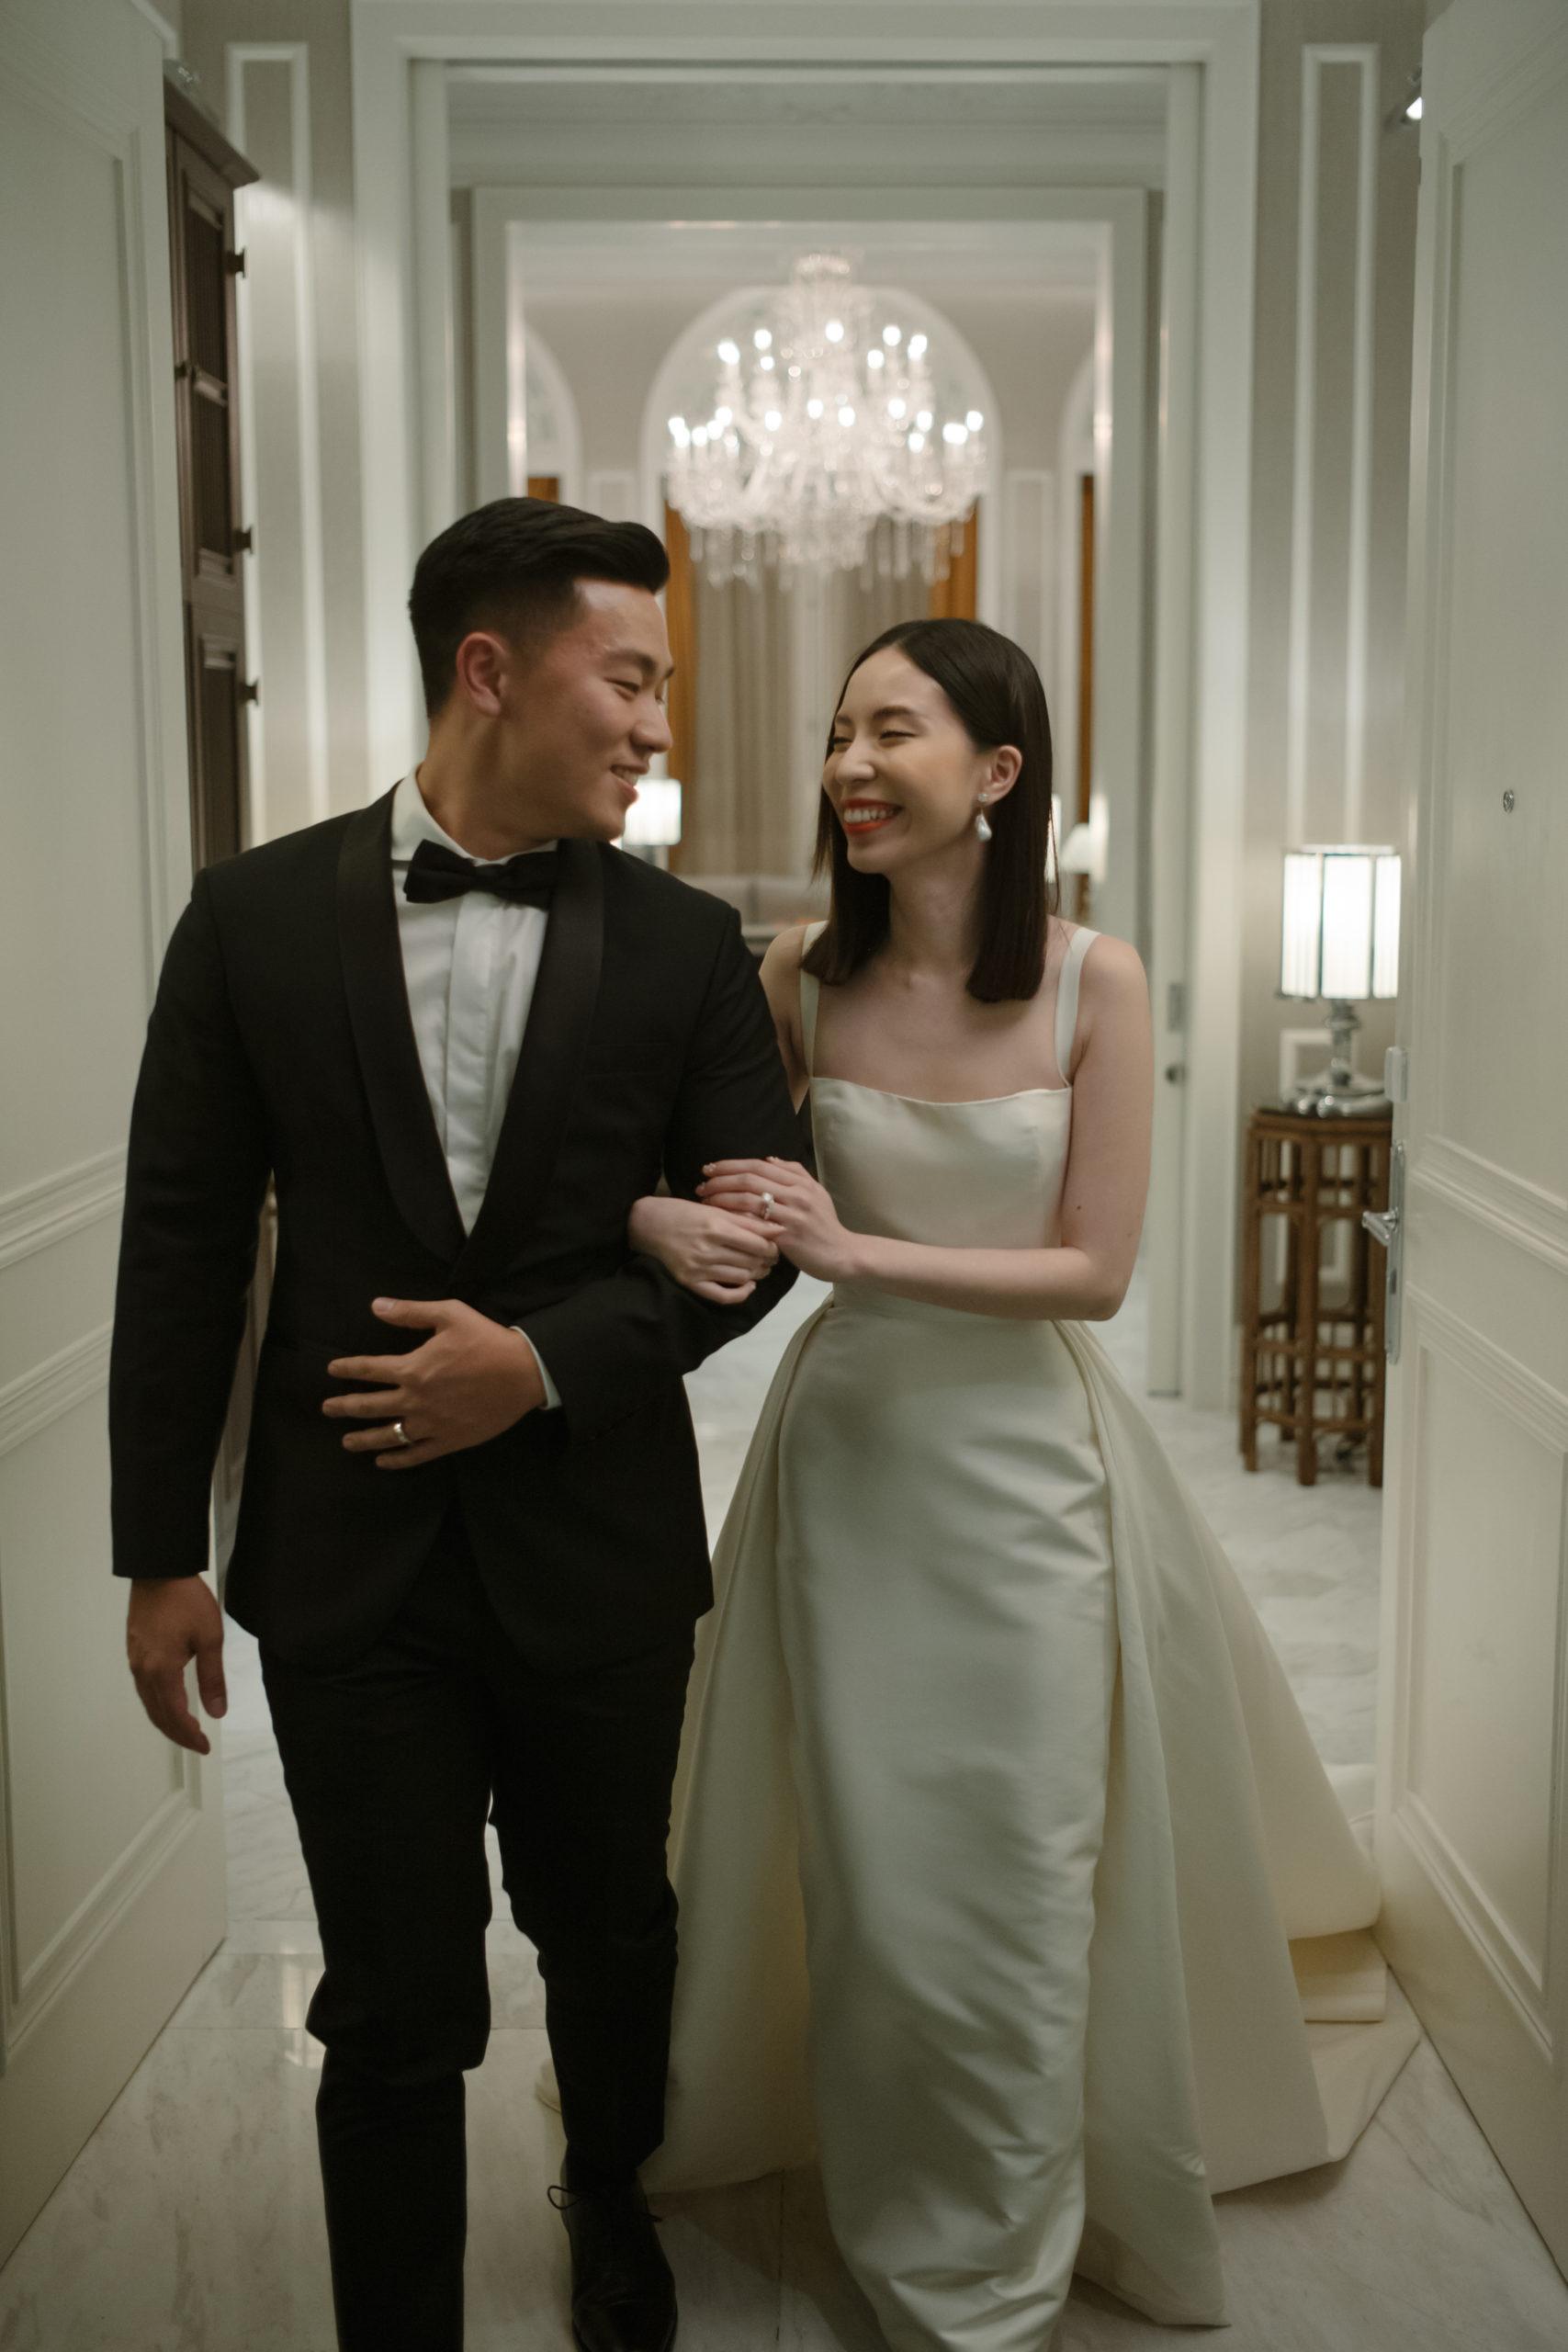 งานแต่งงาน จูนจูนปรีดี junepridiwedding junepridi เวดดิ้งแพลนเนอร์ rememorari กรุงเทพ mandarin orientalงานแต่งงาน จูนจูนปรีดี junepridiwedding junepridi เวดดิ้งแพลนเนอร์ rememorari กรุงเทพ mandarin oriental